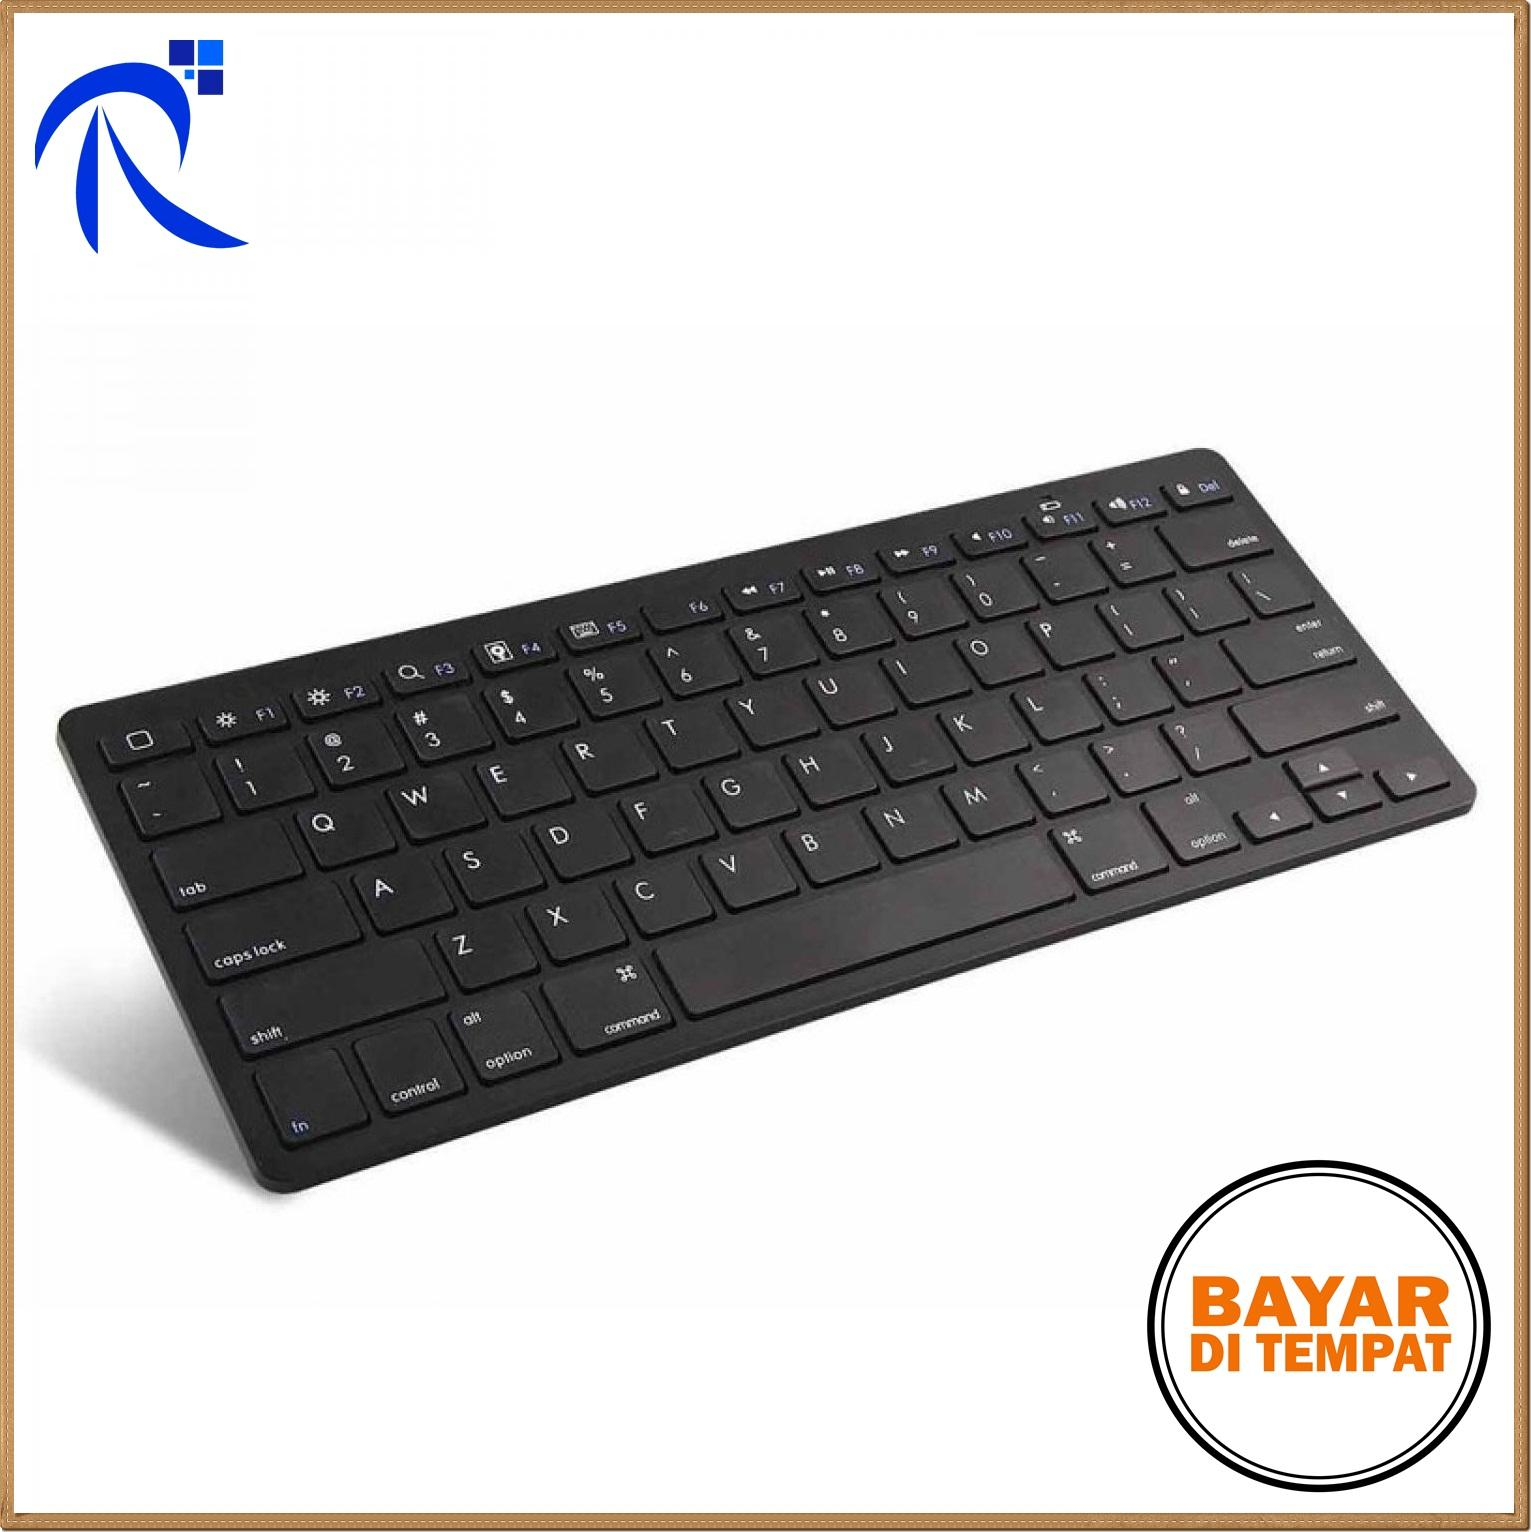 Rimas Ultra Slim Bluetooth Keyboard iOS Android PC - Hitam / Black - Desain Tipis Modern Koneksi Bluetooth Berbagai Gadget Teknologi Switch Scissors Mengetik Lebih Nyaman Akurat Tahan Lama Baterai AAA BISA COD !!